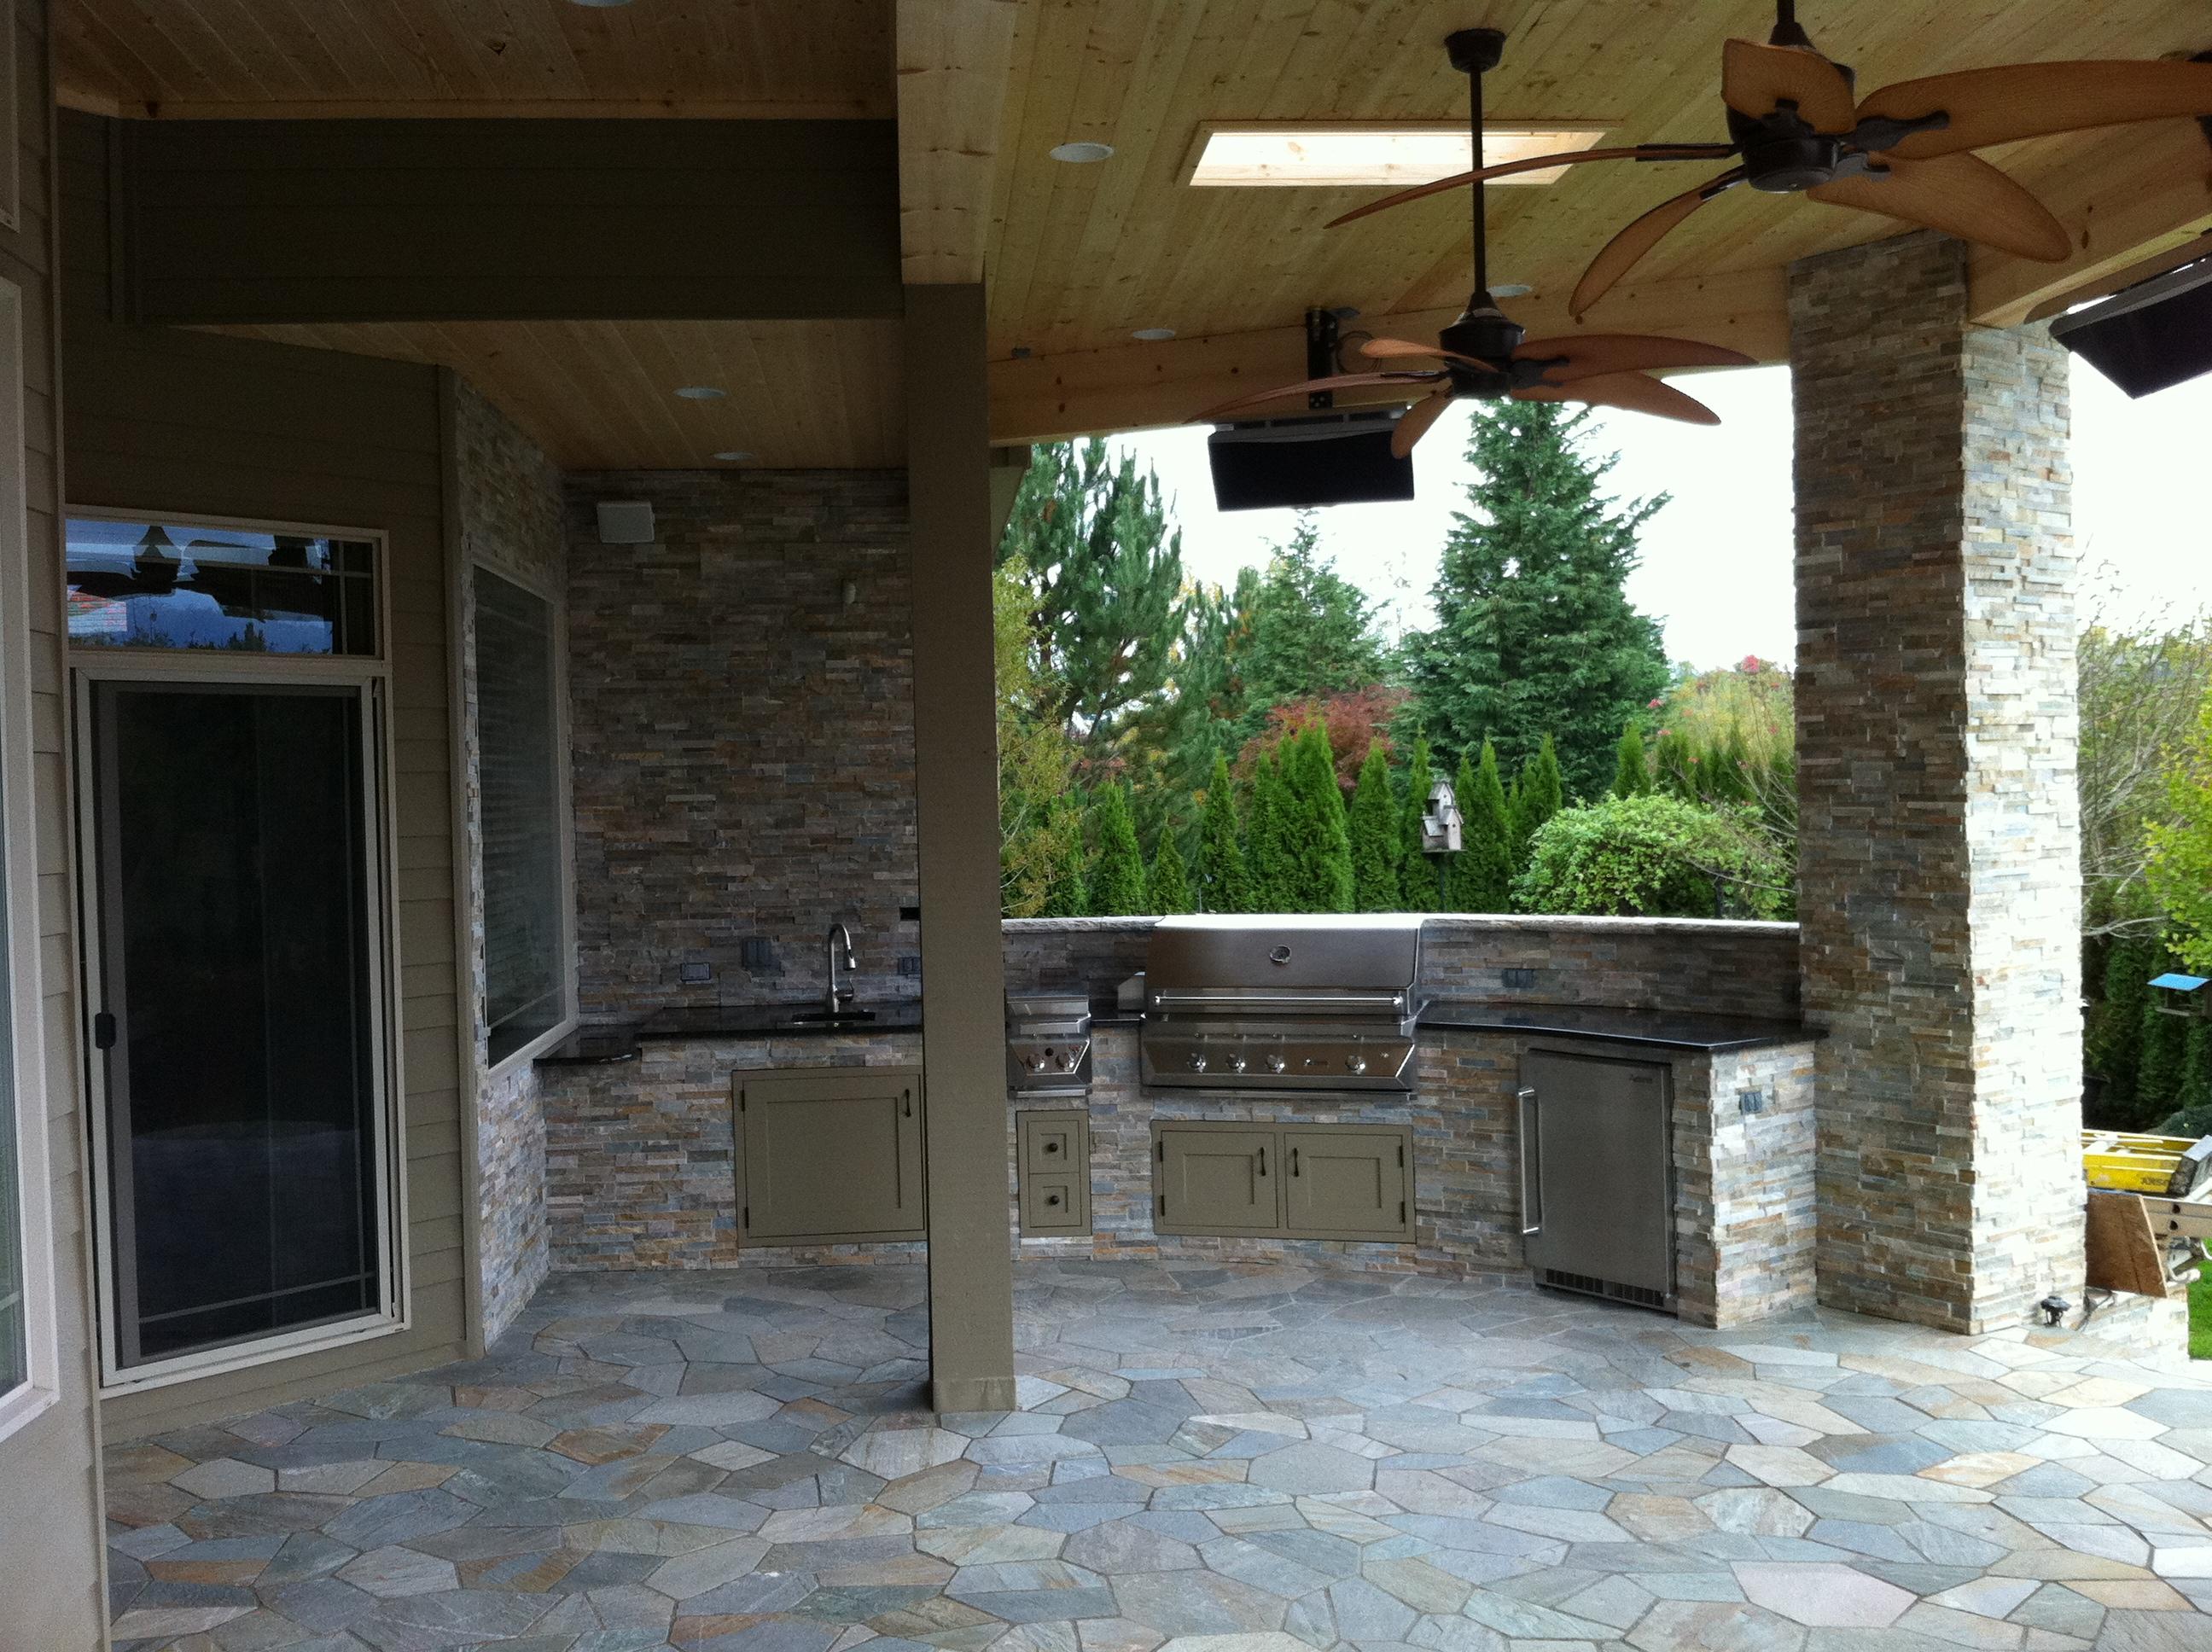 Modern outdoor kitchen indy construction llc for Outdoor kitchen construction